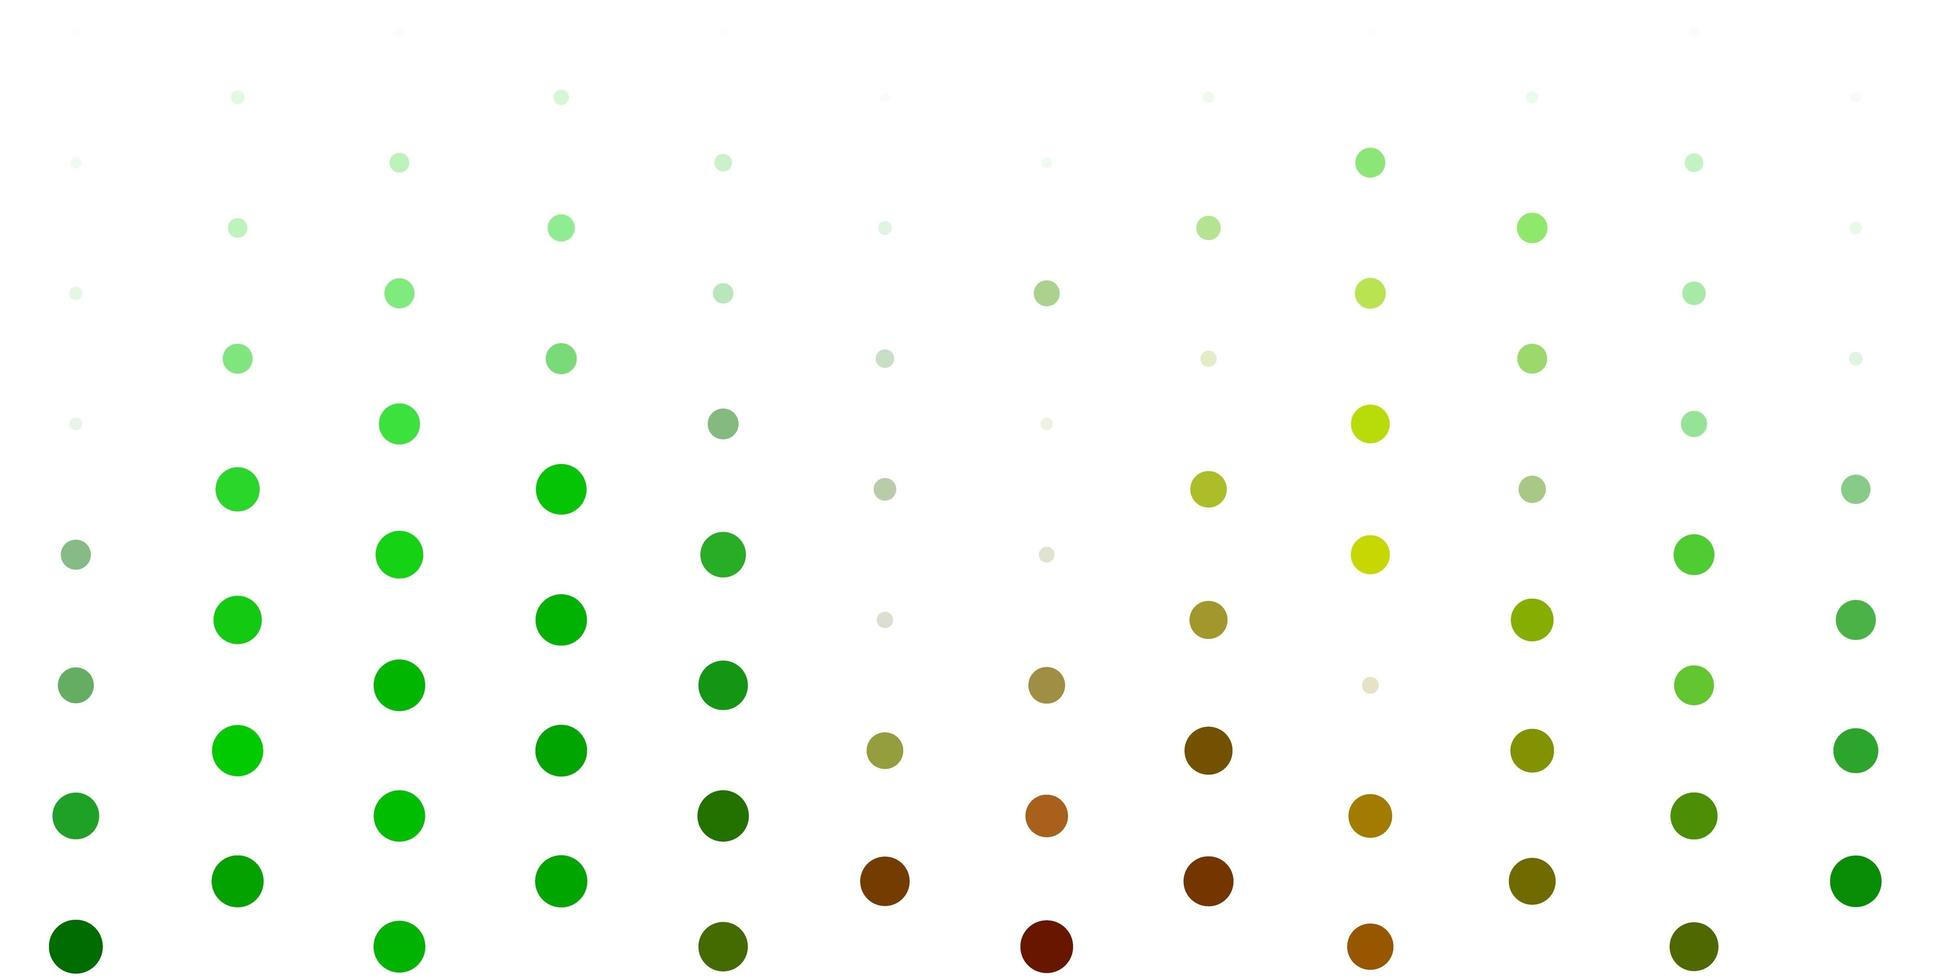 sfondo vettoriale verde chiaro con punti